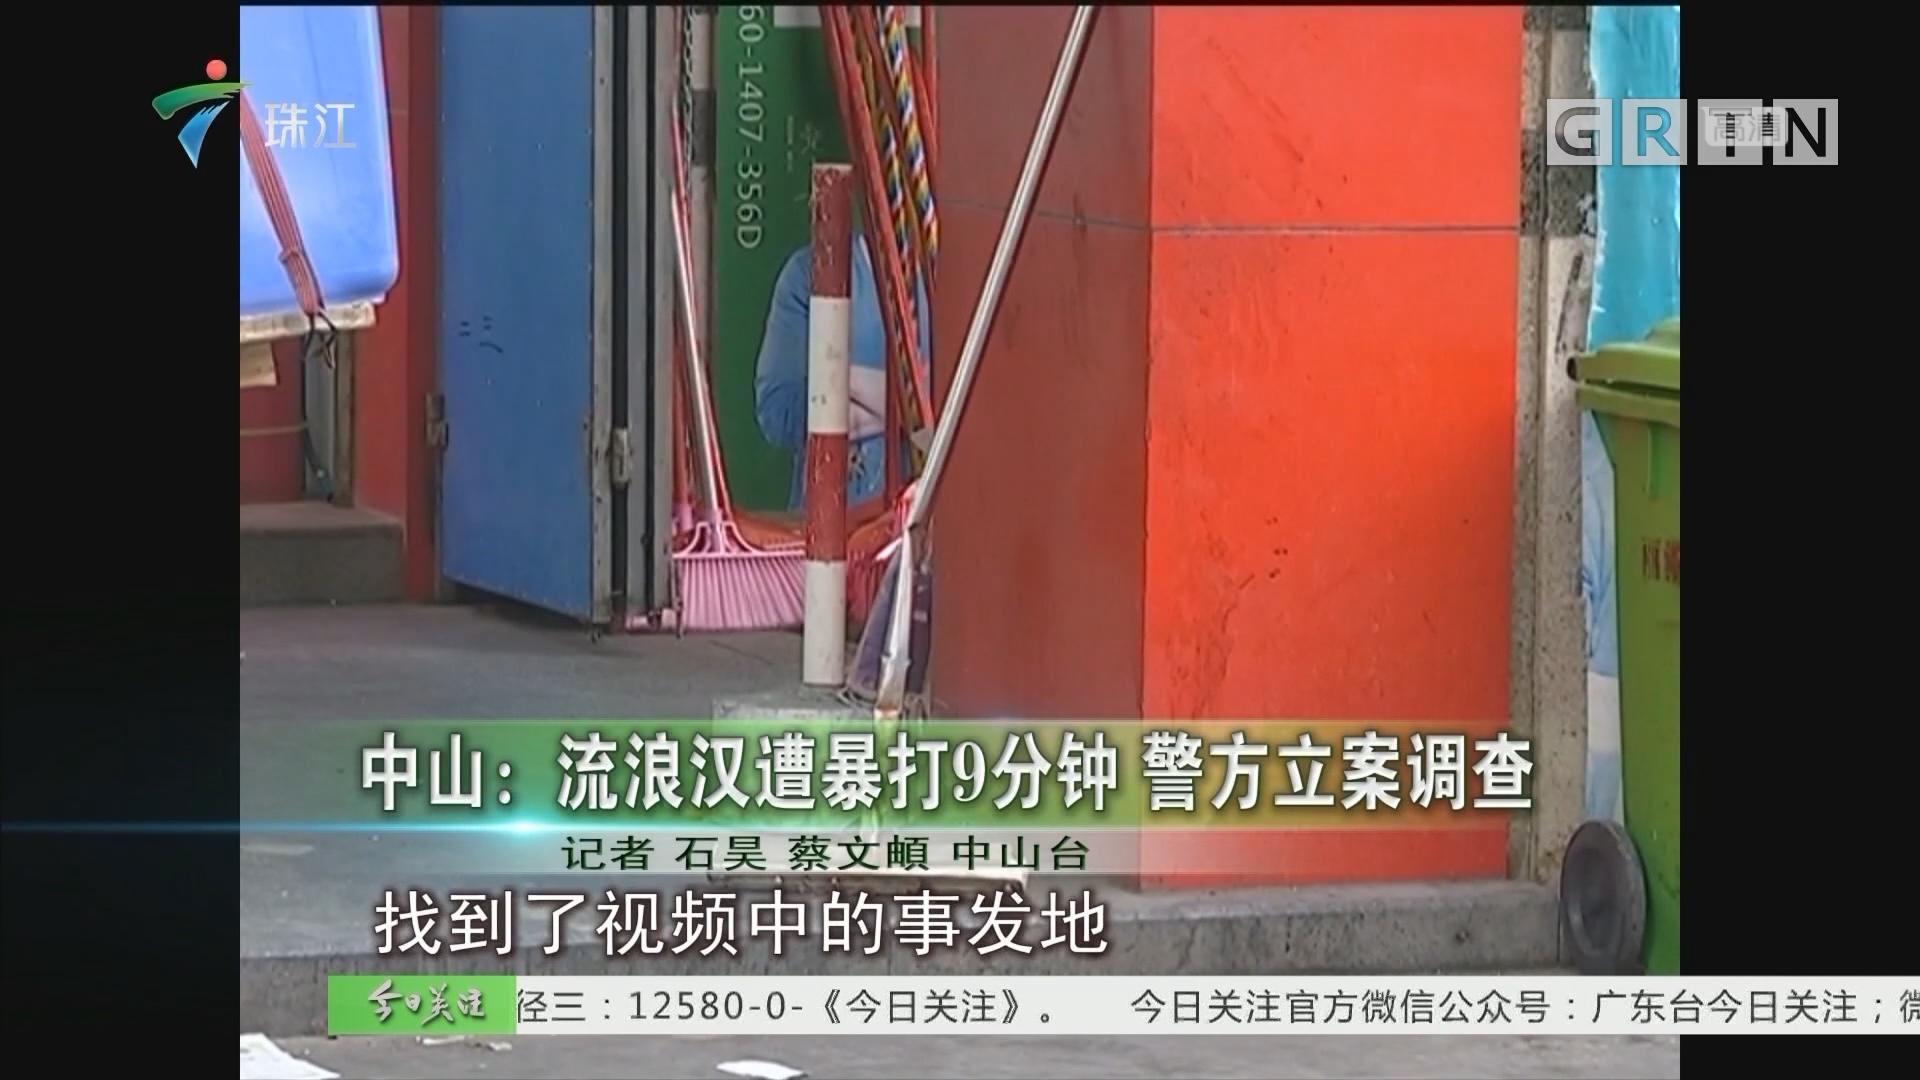 中山:流浪汉遭暴打9分钟 警方立案调查